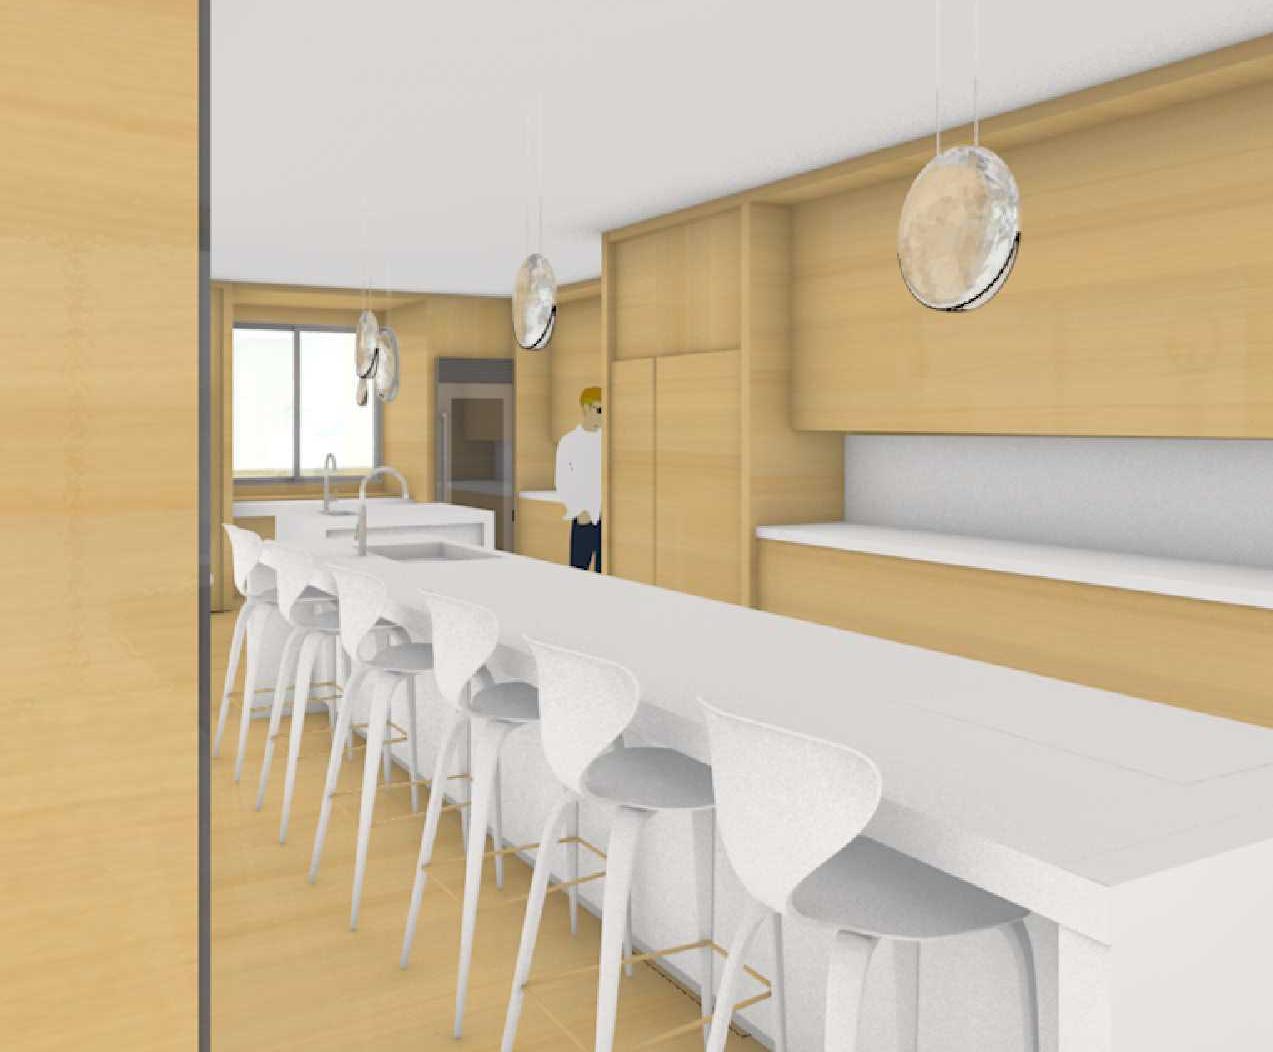 kitchen 3Dv10